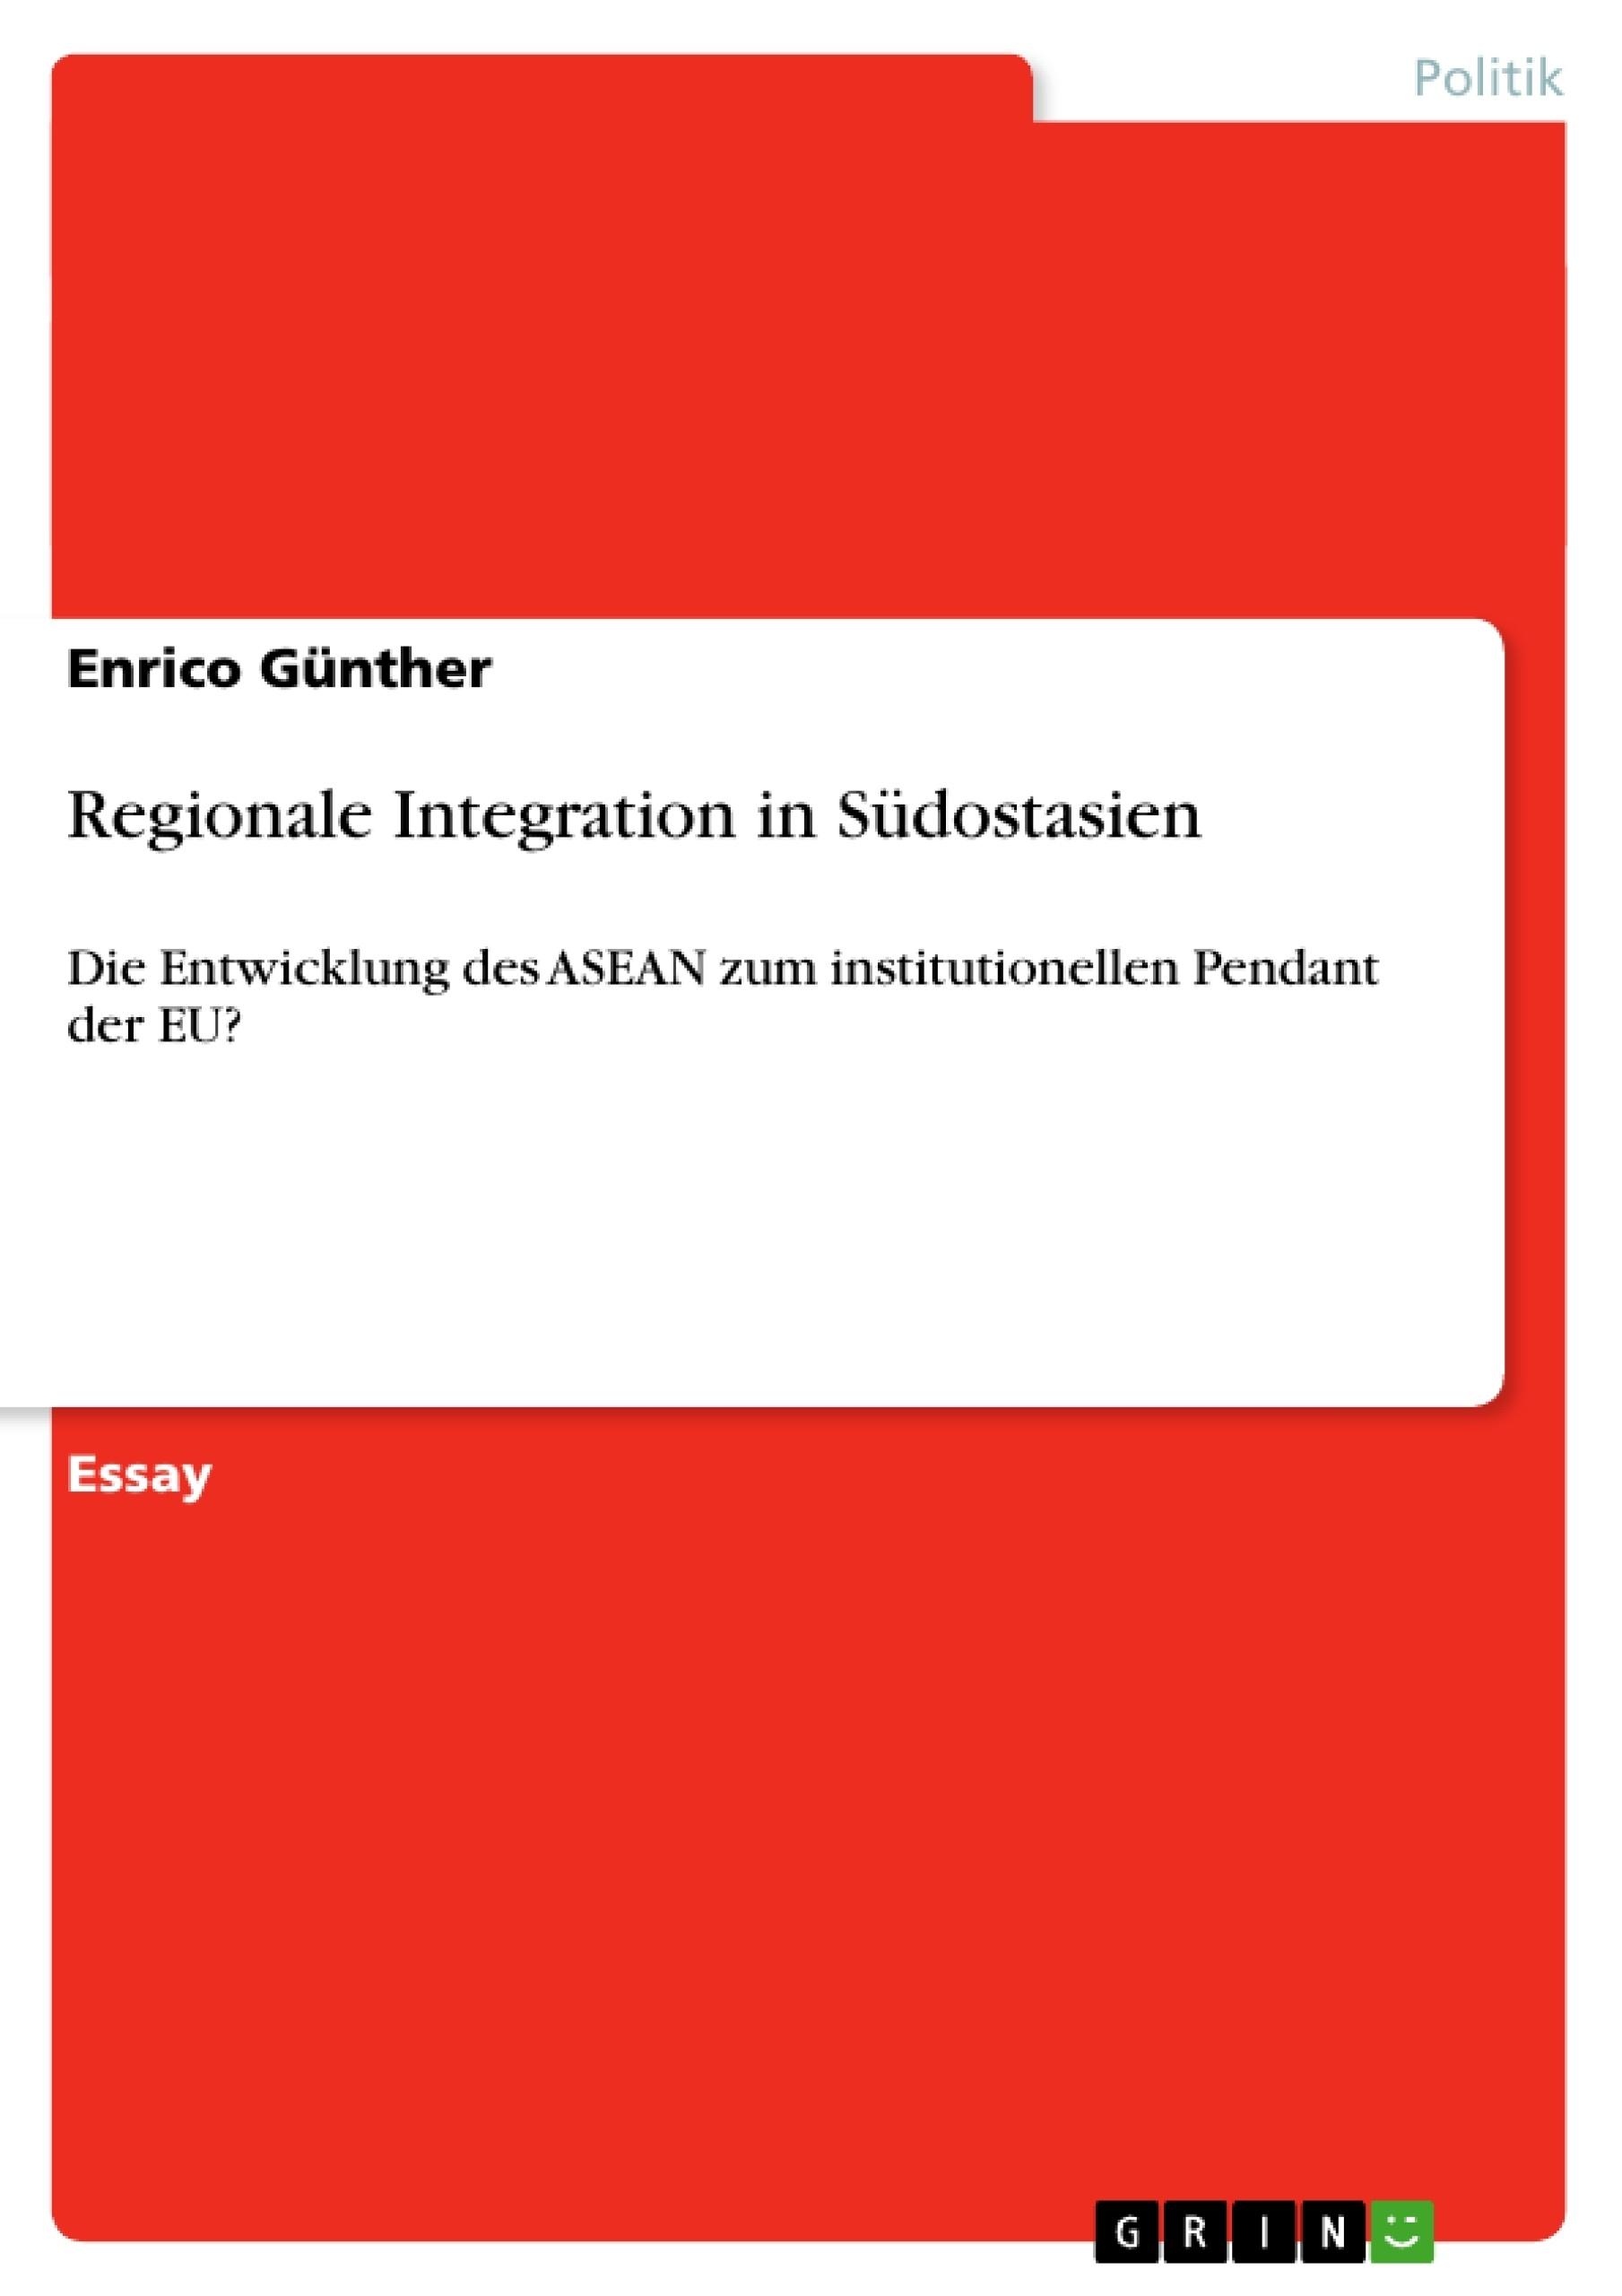 Titel: Regionale Integration in Südostasien